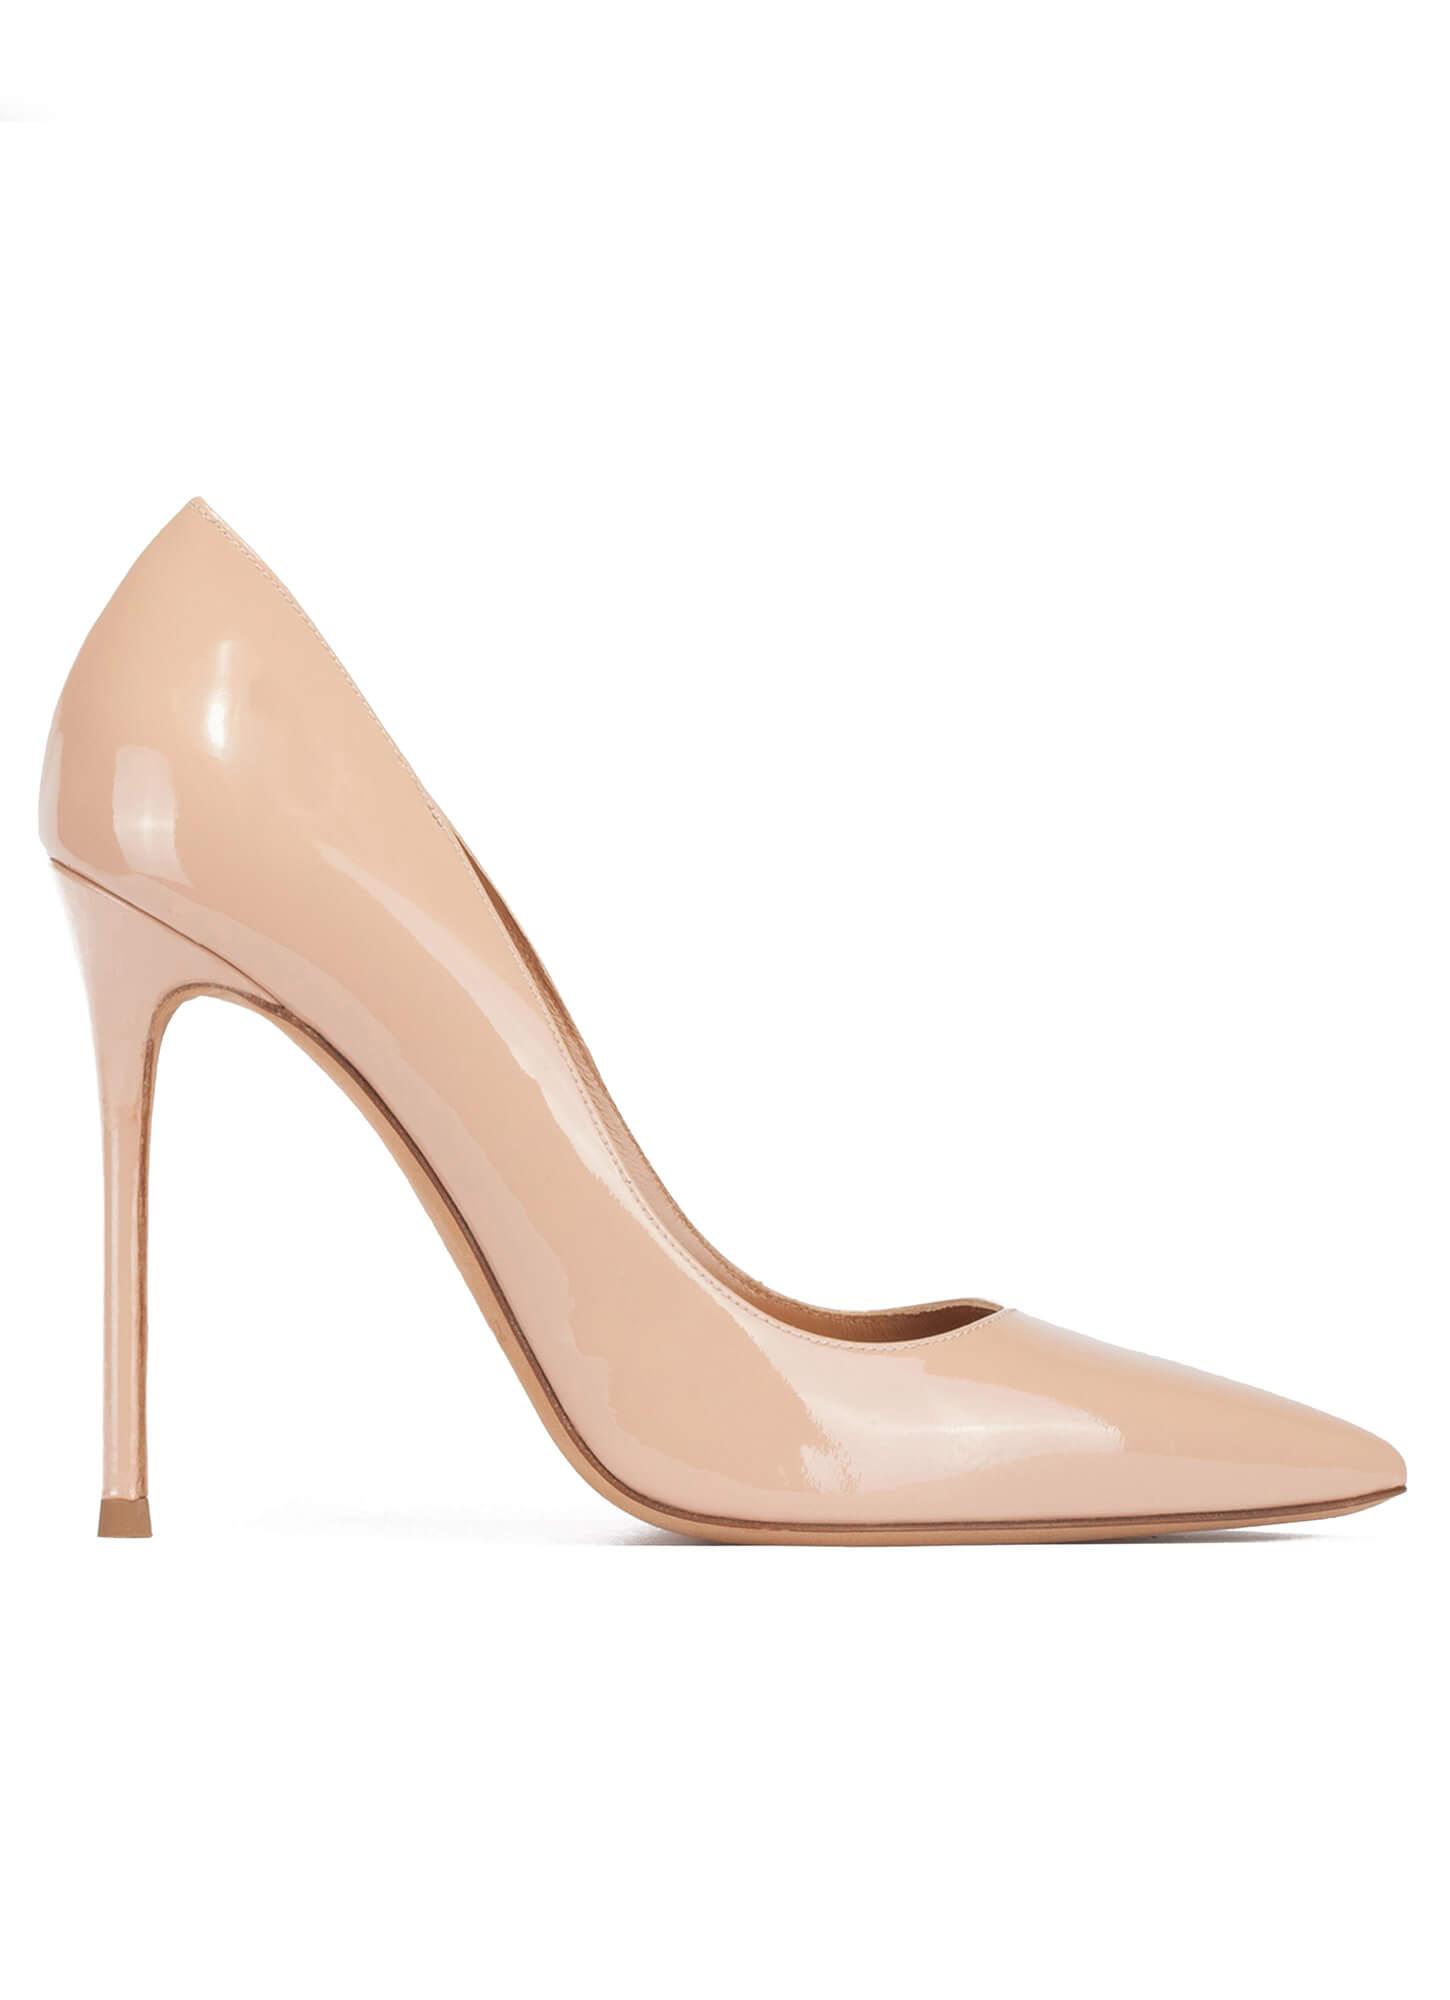 Zapato salón para mujer en color nude de charol